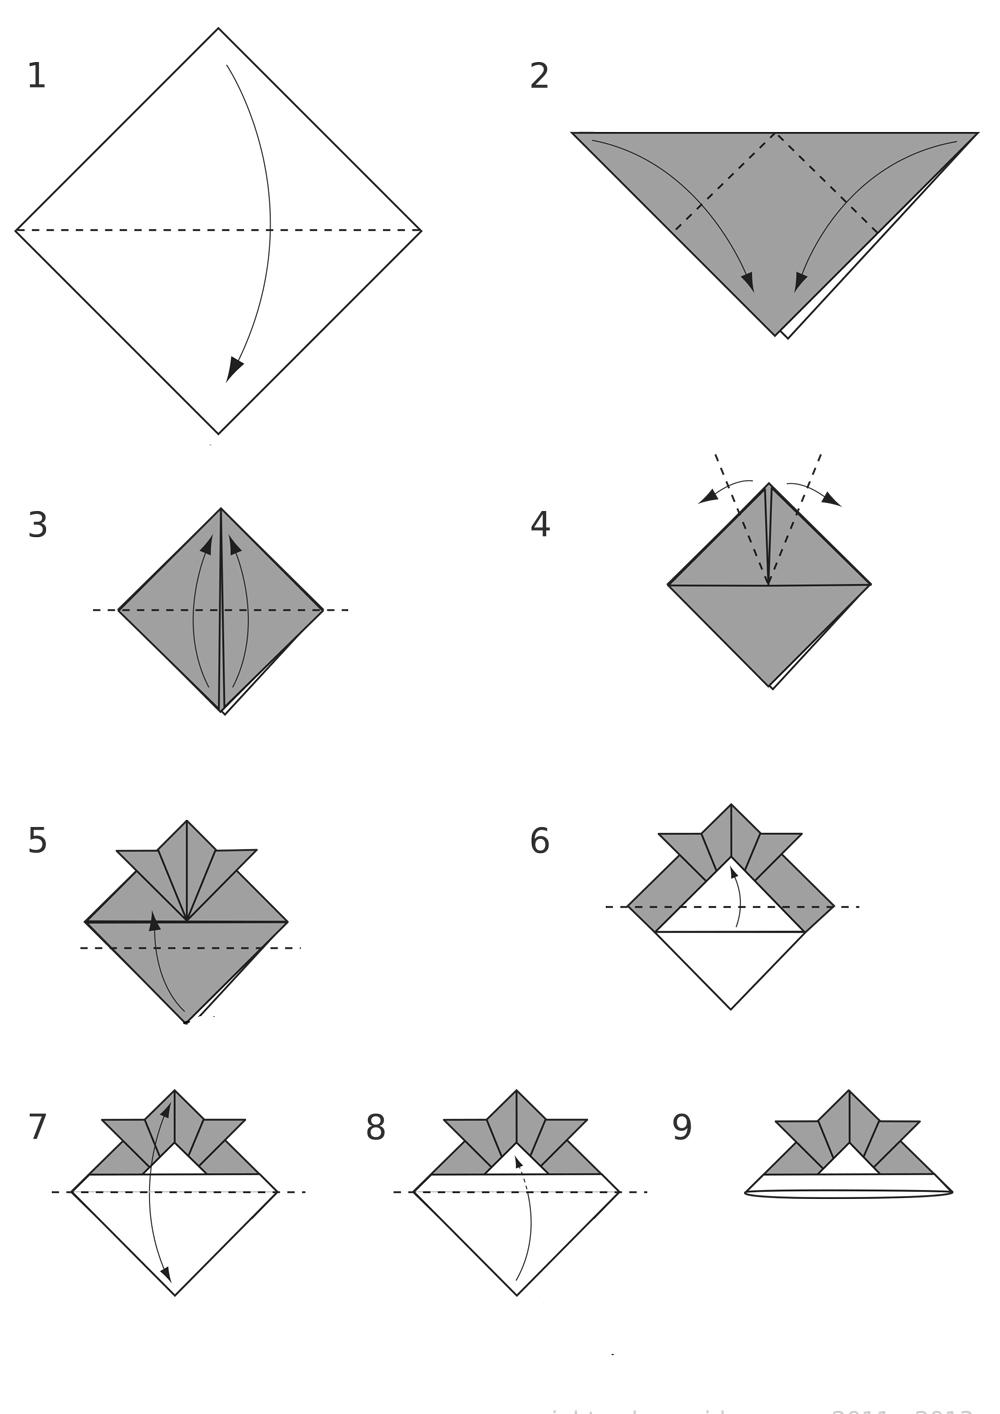 Origami casque samourai origami day chaque jour son origami origami day - Origami facile video ...